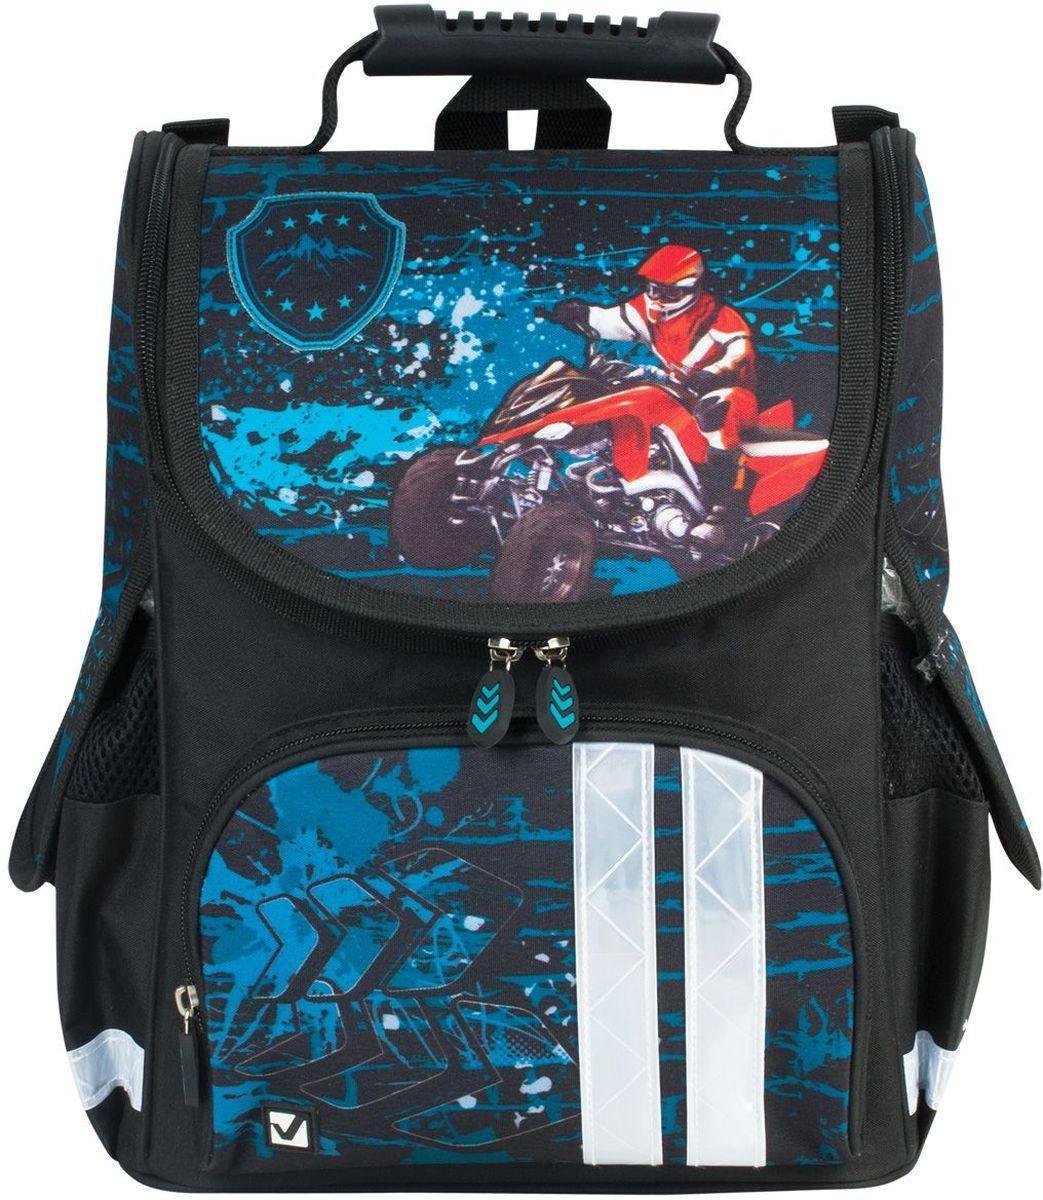 Brauberg Ранец школьный Квадроциклист 225335 школьные рюкзаки brauberg ранец райдер 20 л